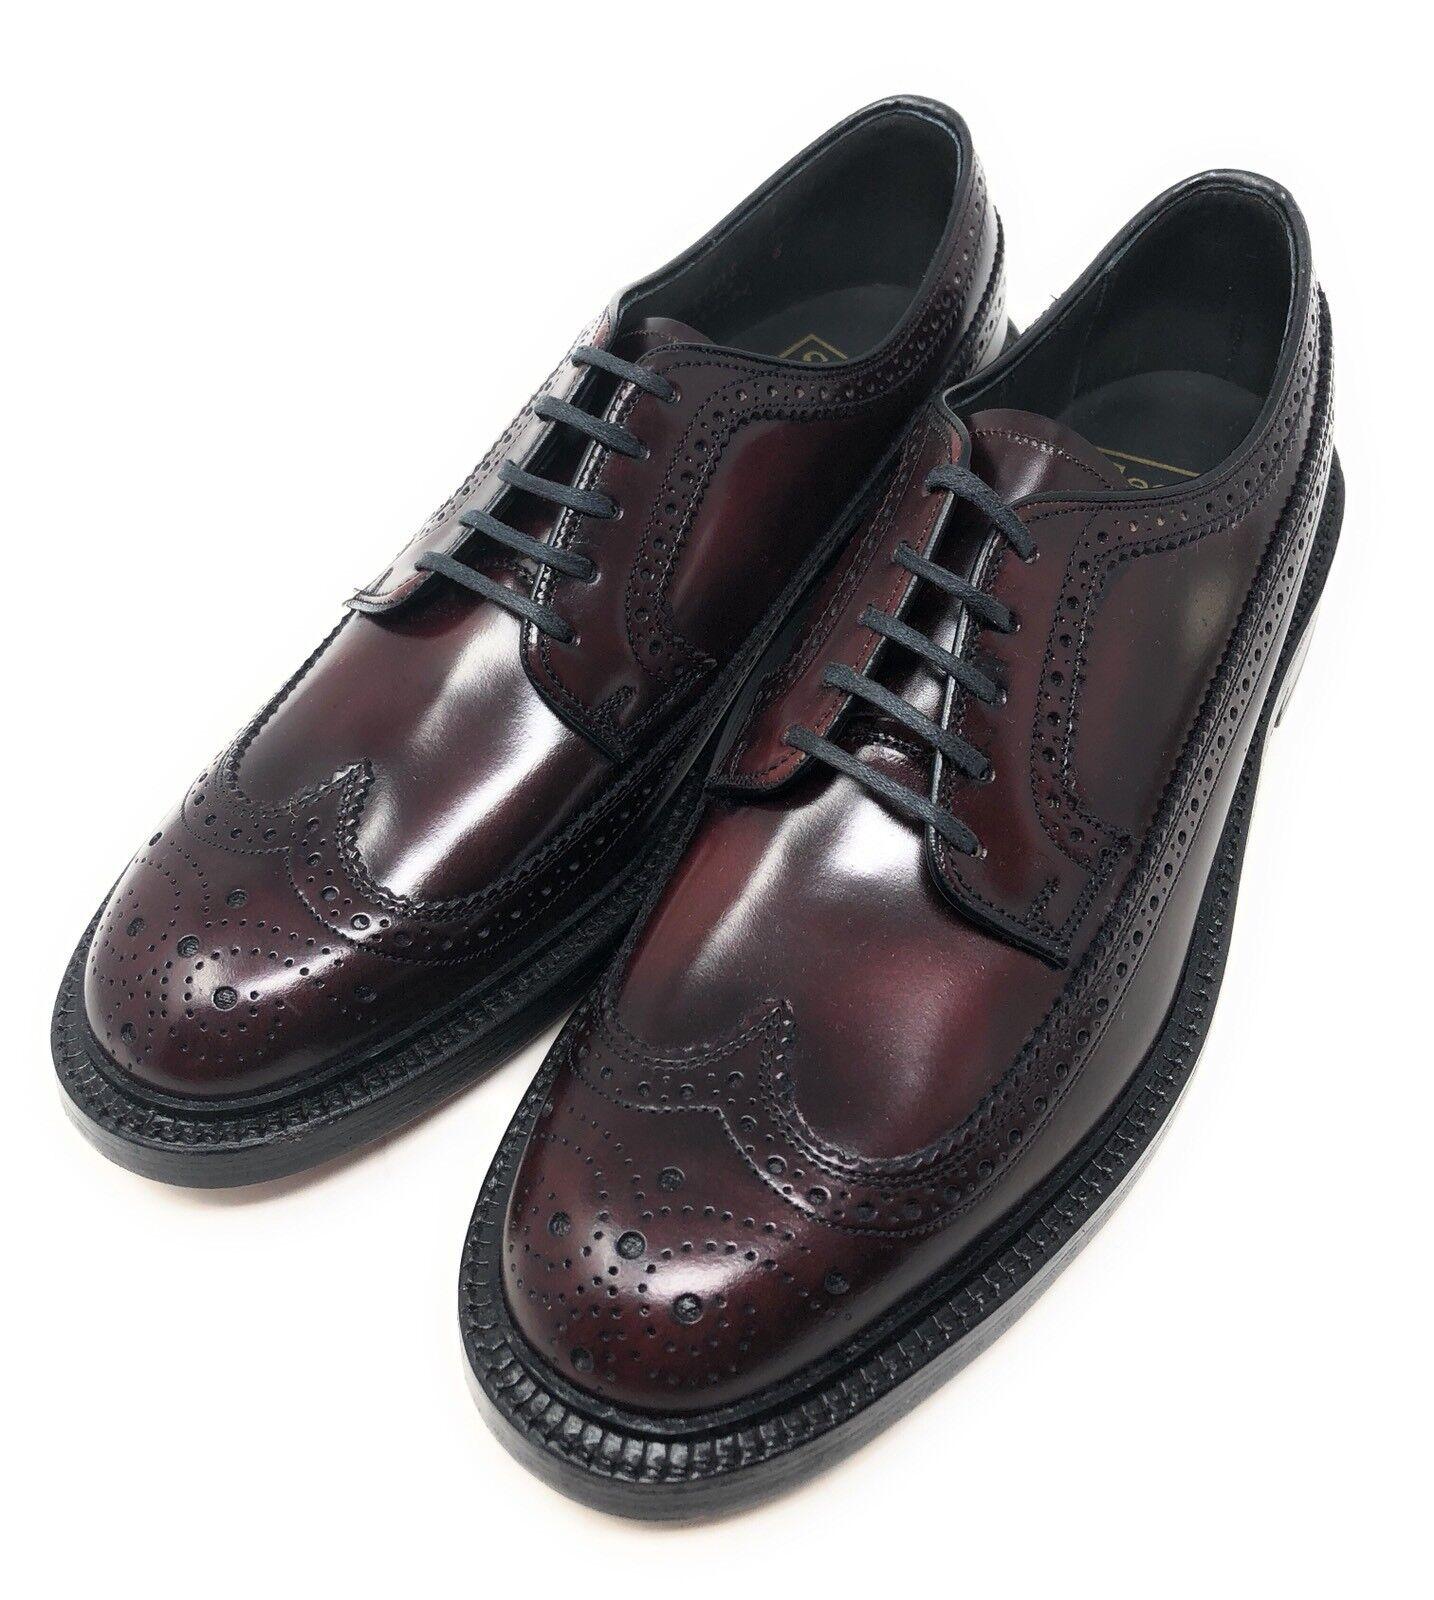 Vintage Zapatos V-Cala Sears Borgoña Cuero largo punta del ala para hombre 8.5 D Derbys